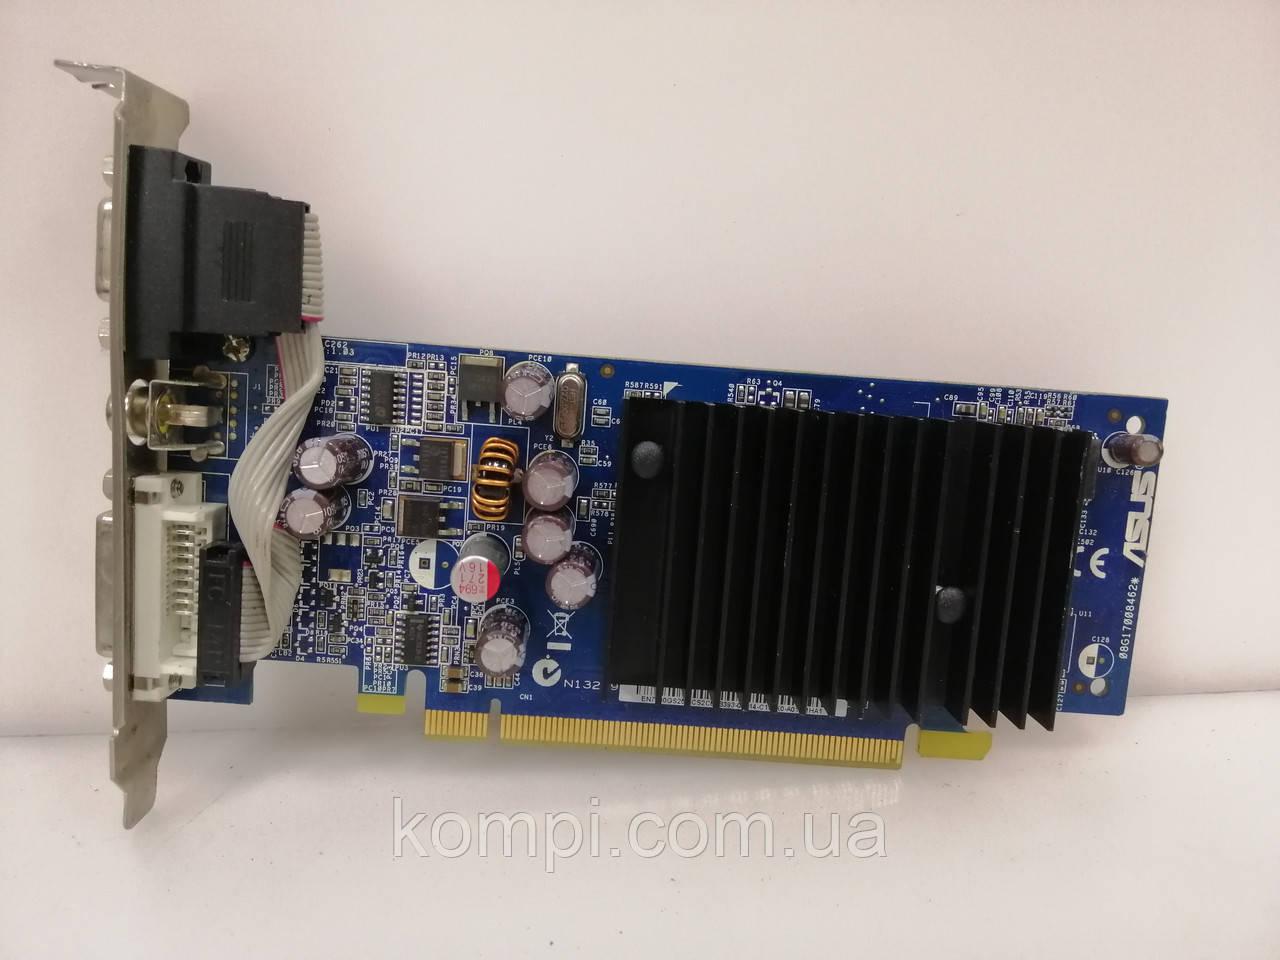 Видеокарта NVIDIA 7100Gs64MB PCI-E